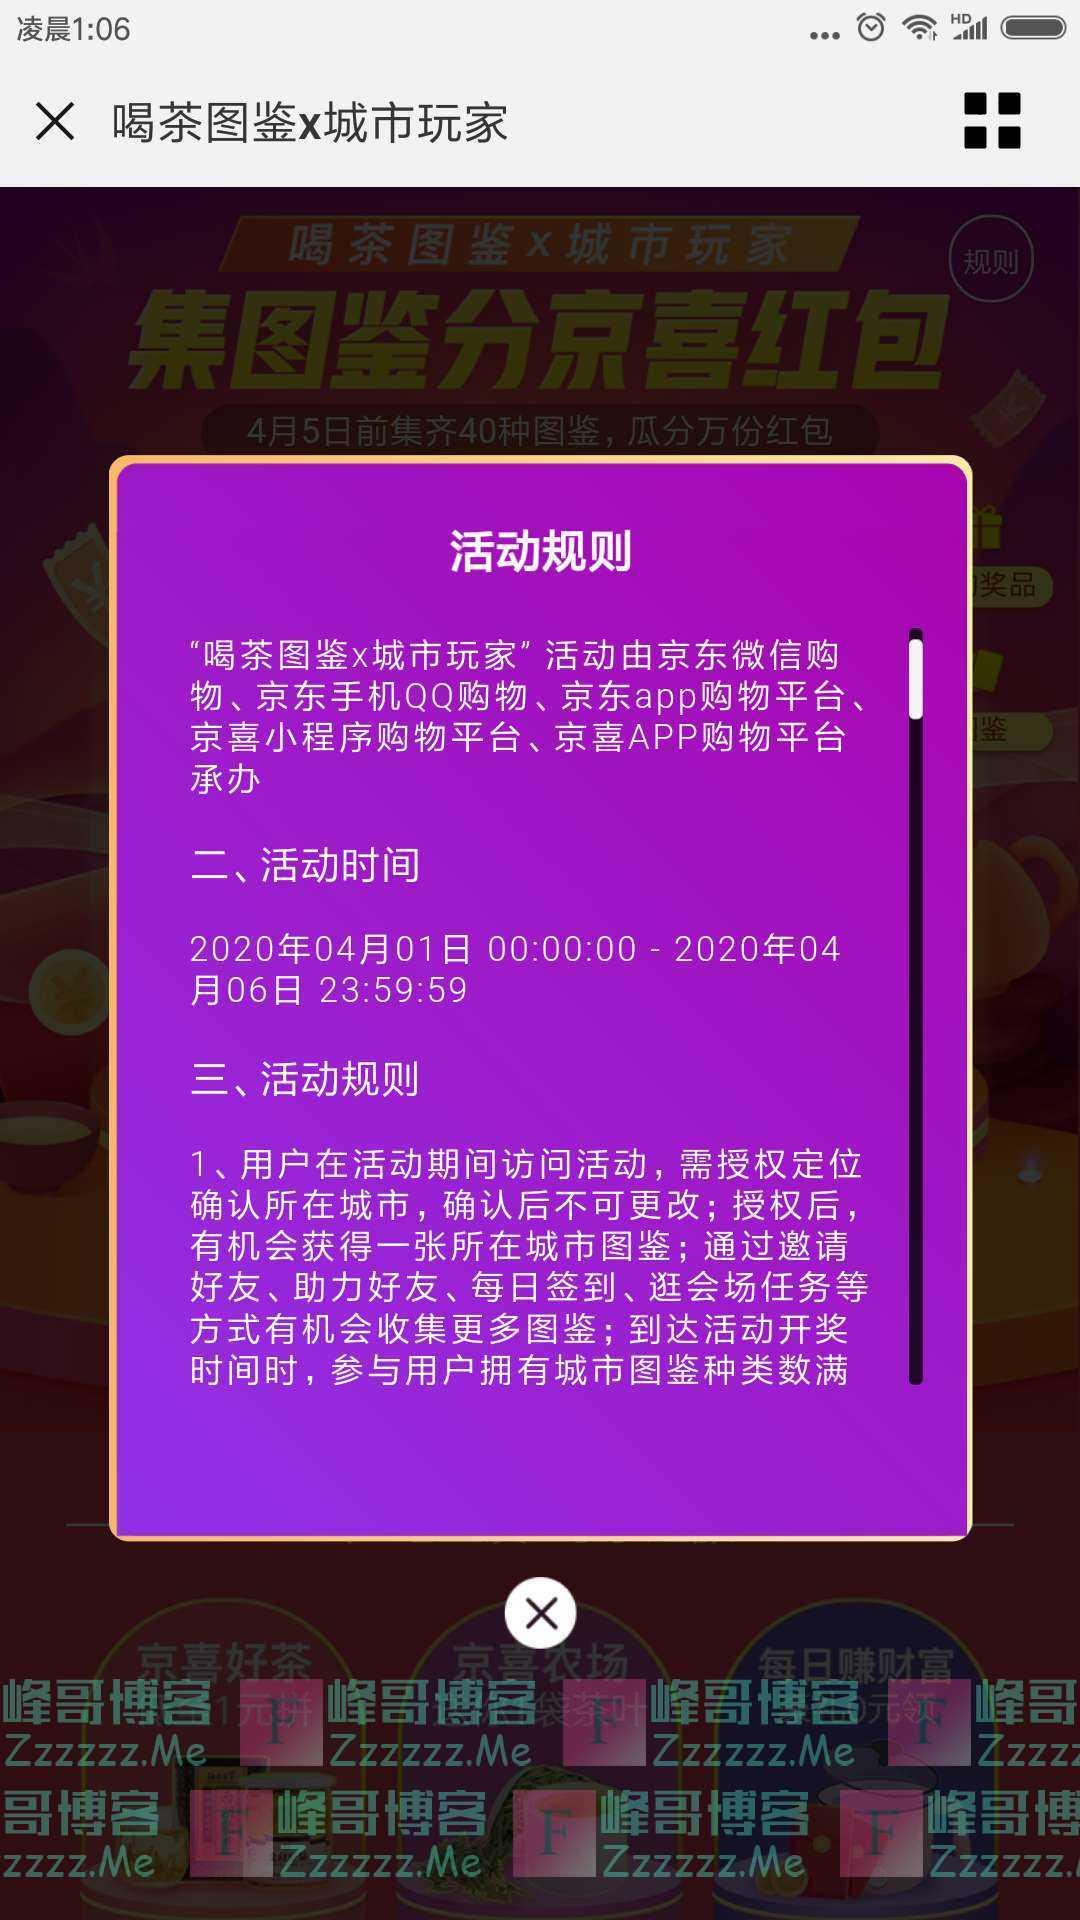 京东喝茶图鉴x城市玩家 集图鉴分京喜红包(截止4月6日)